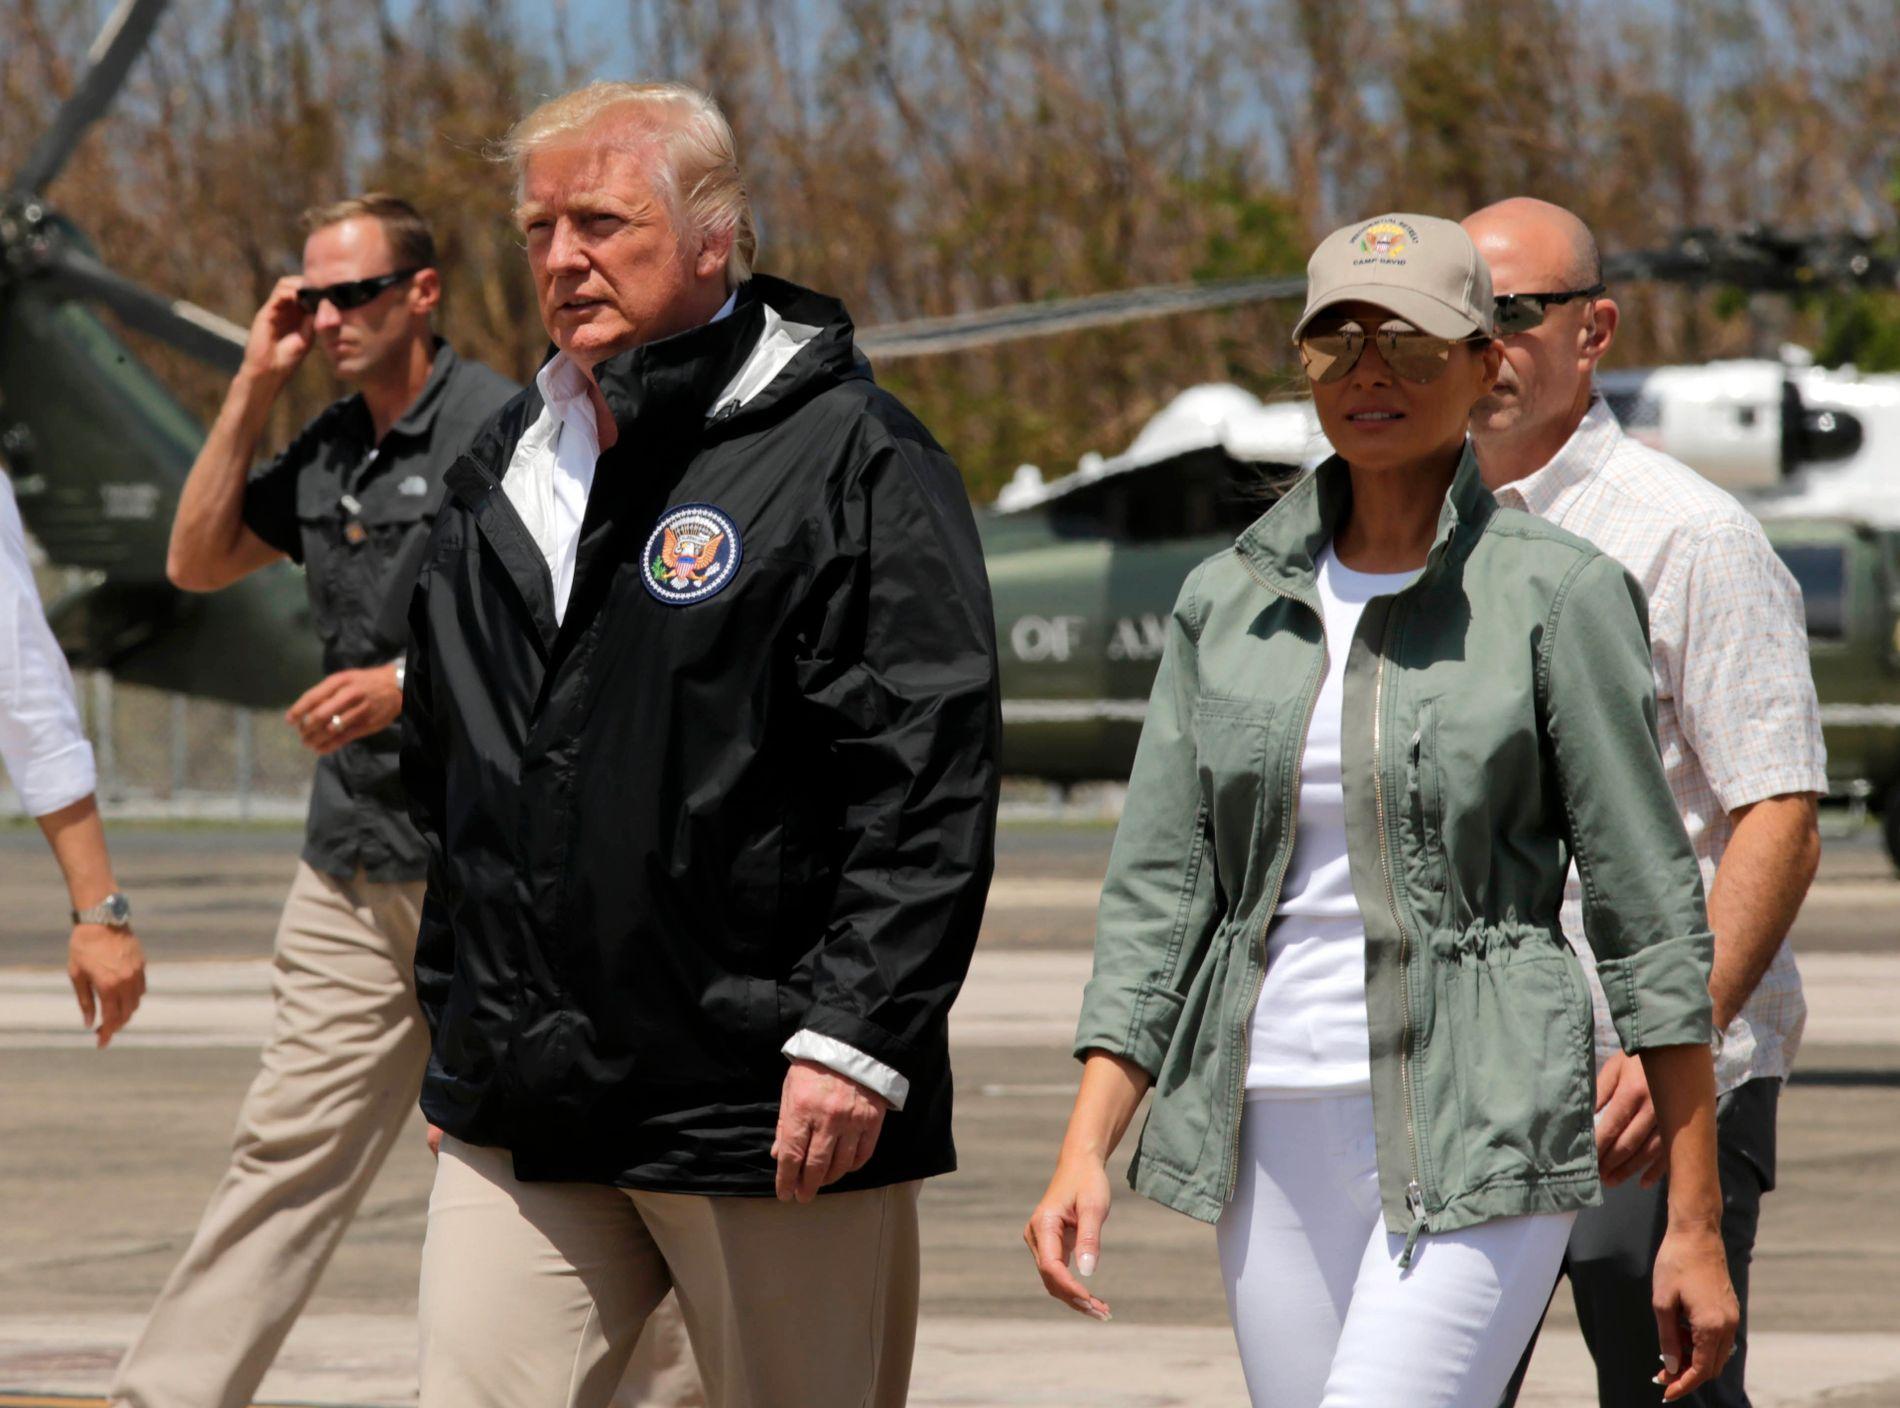 NOK NÅ: President Donald Trump og førstedame Melania Trump ankommer hovedstaden San Juan etter orkanen Maria. Nå truer Trump med å kutte hjelpen til Puerto Rico.